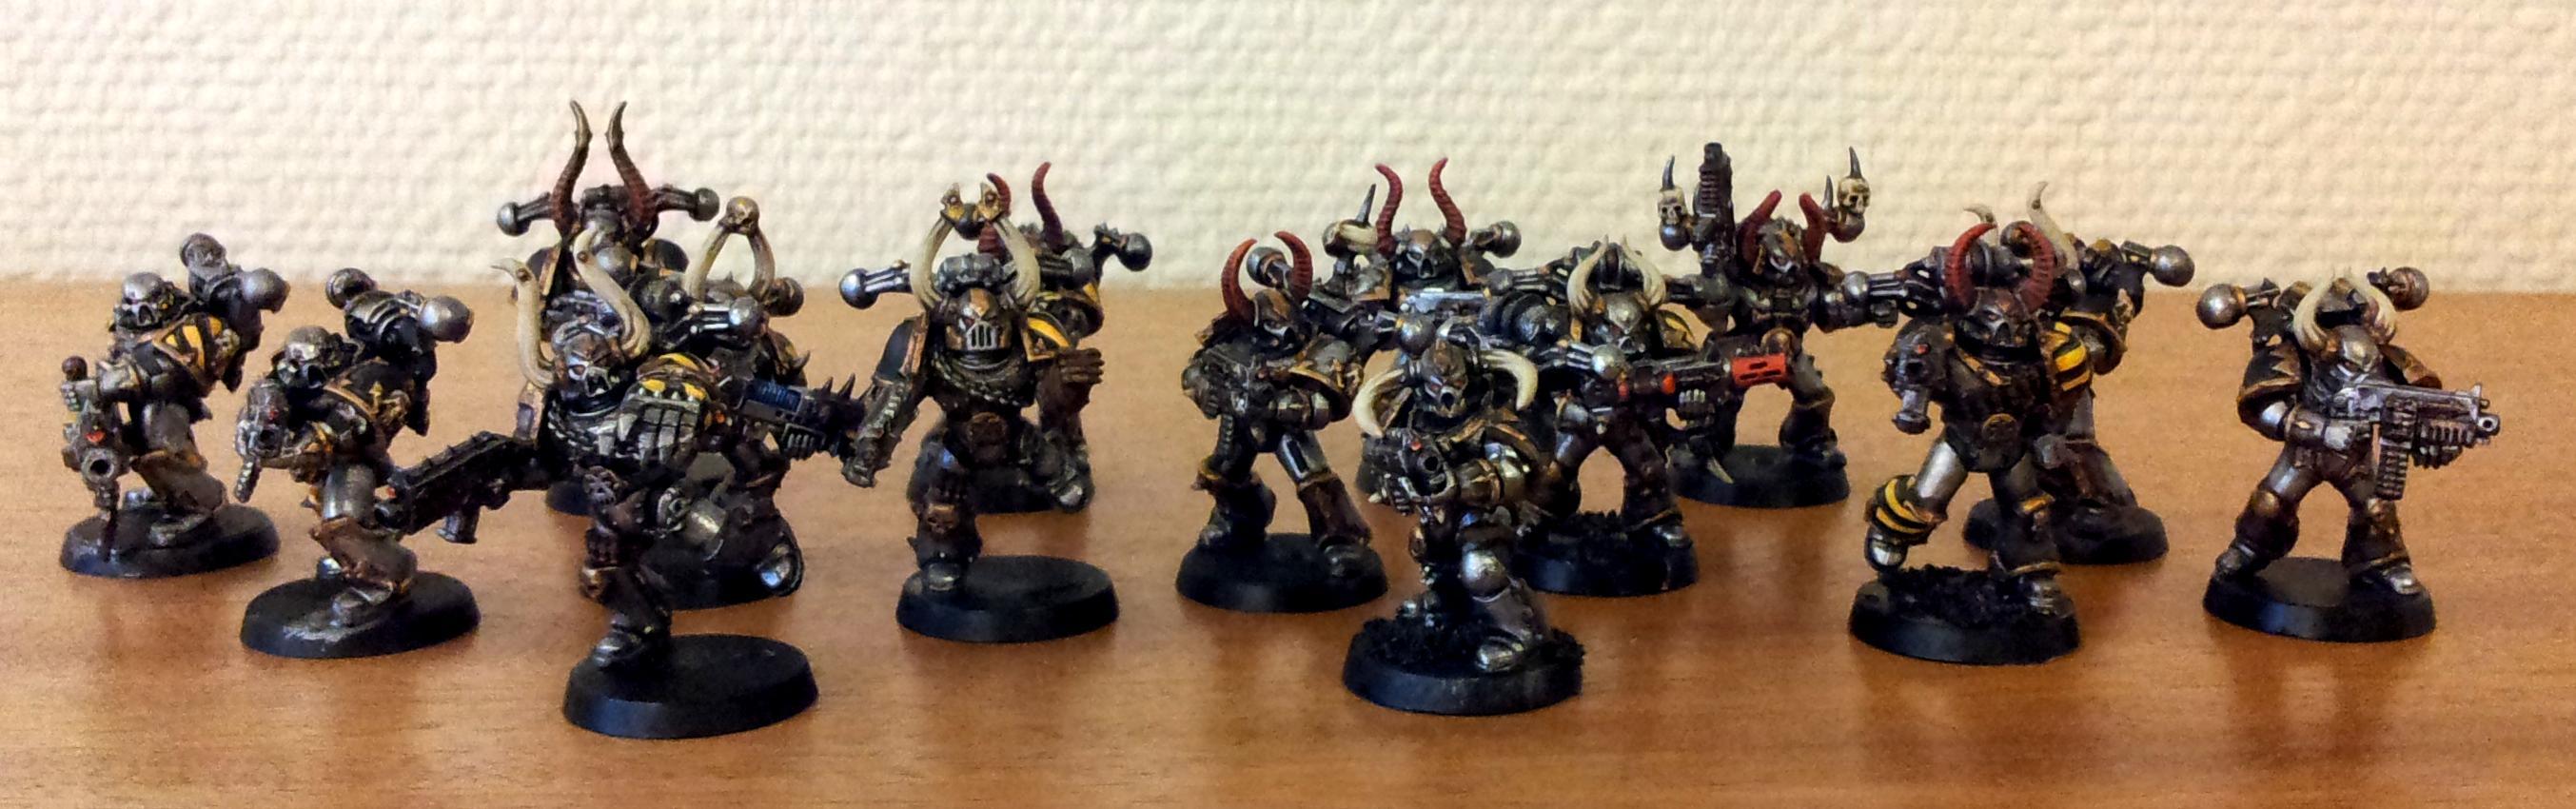 Iron Warriors, Iron Warriors